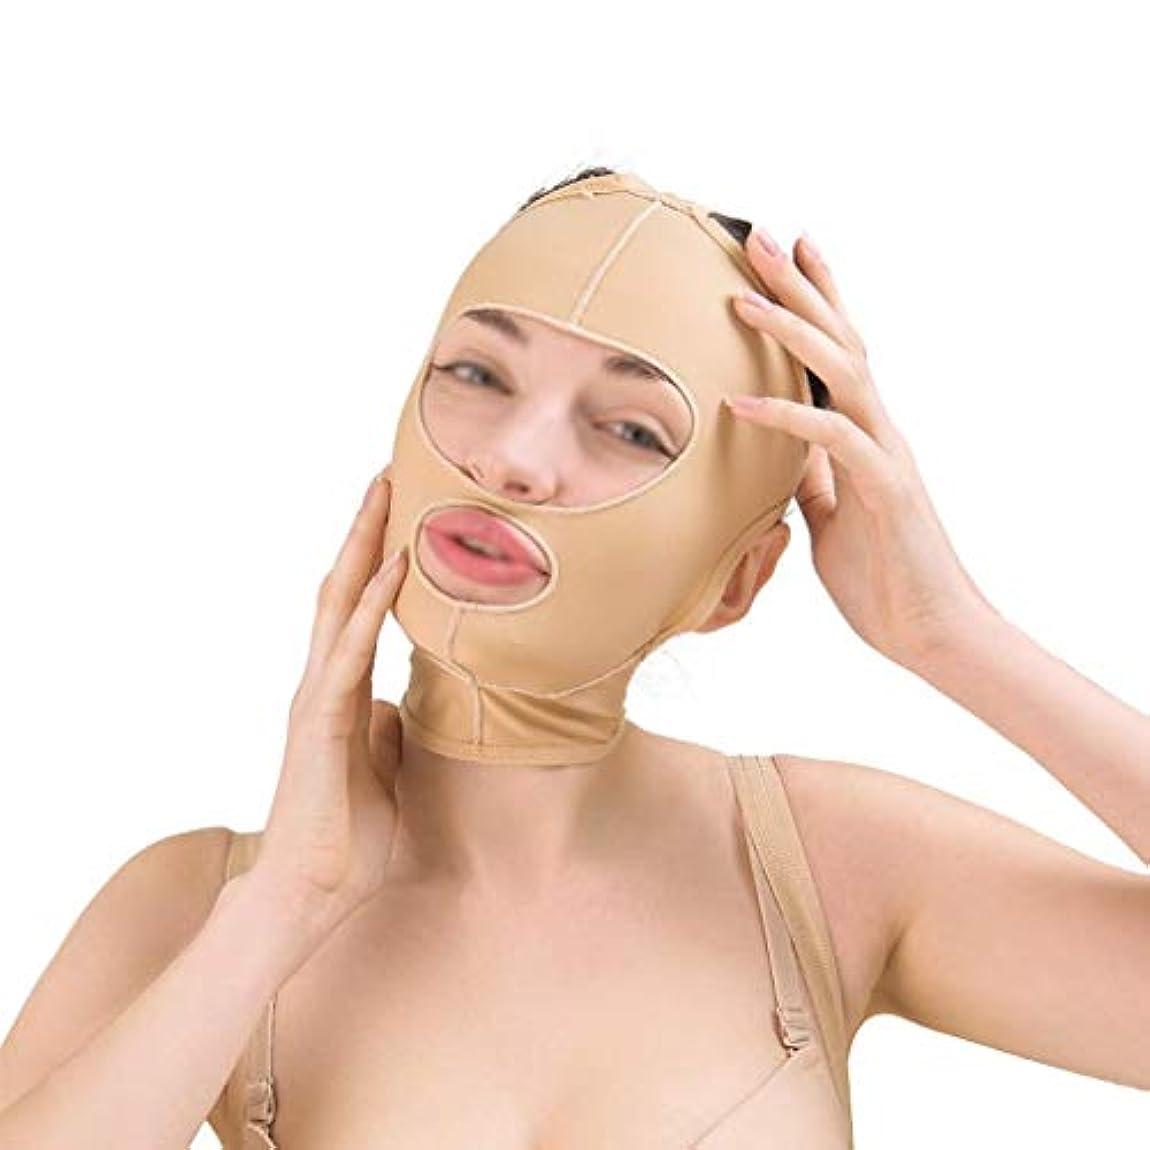 カフェパンツスカープ美容フェイスリフト減量ベルト、ほおスリムフィット、通気性フェイスリフト、引き締め、リフティング包帯、フェイシャルスキン包帯(サイズ:M),L